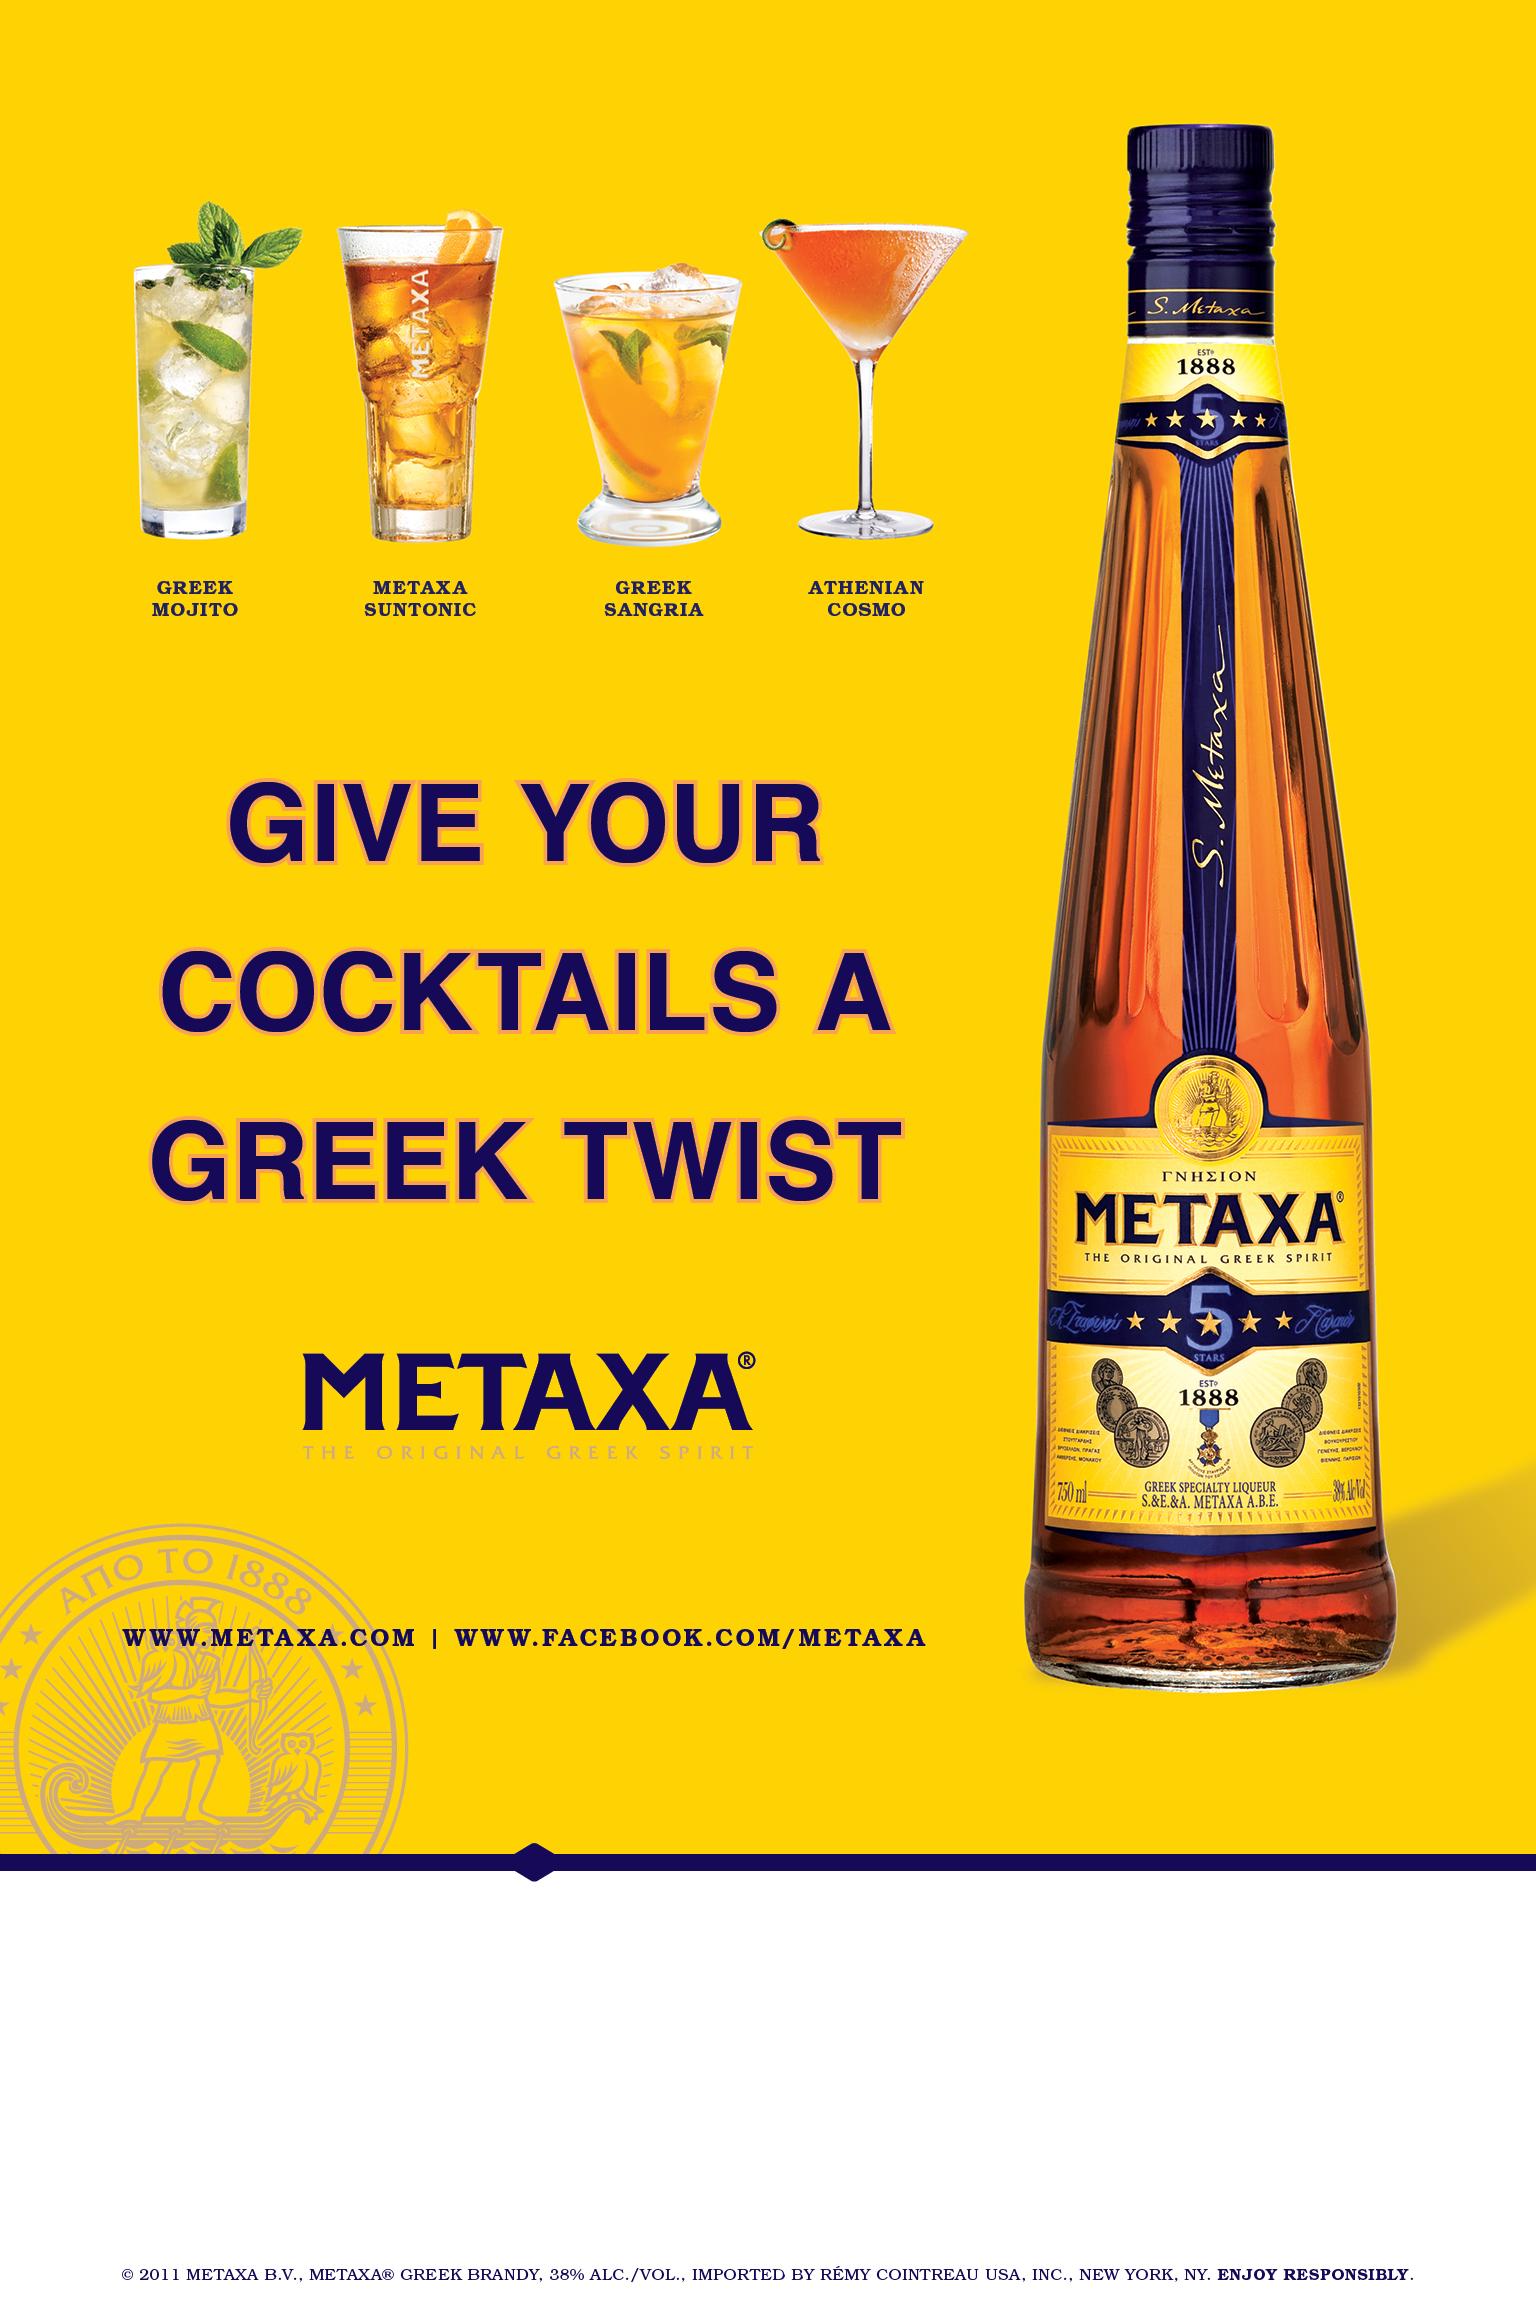 metaxa_poster_v1.5.jpg